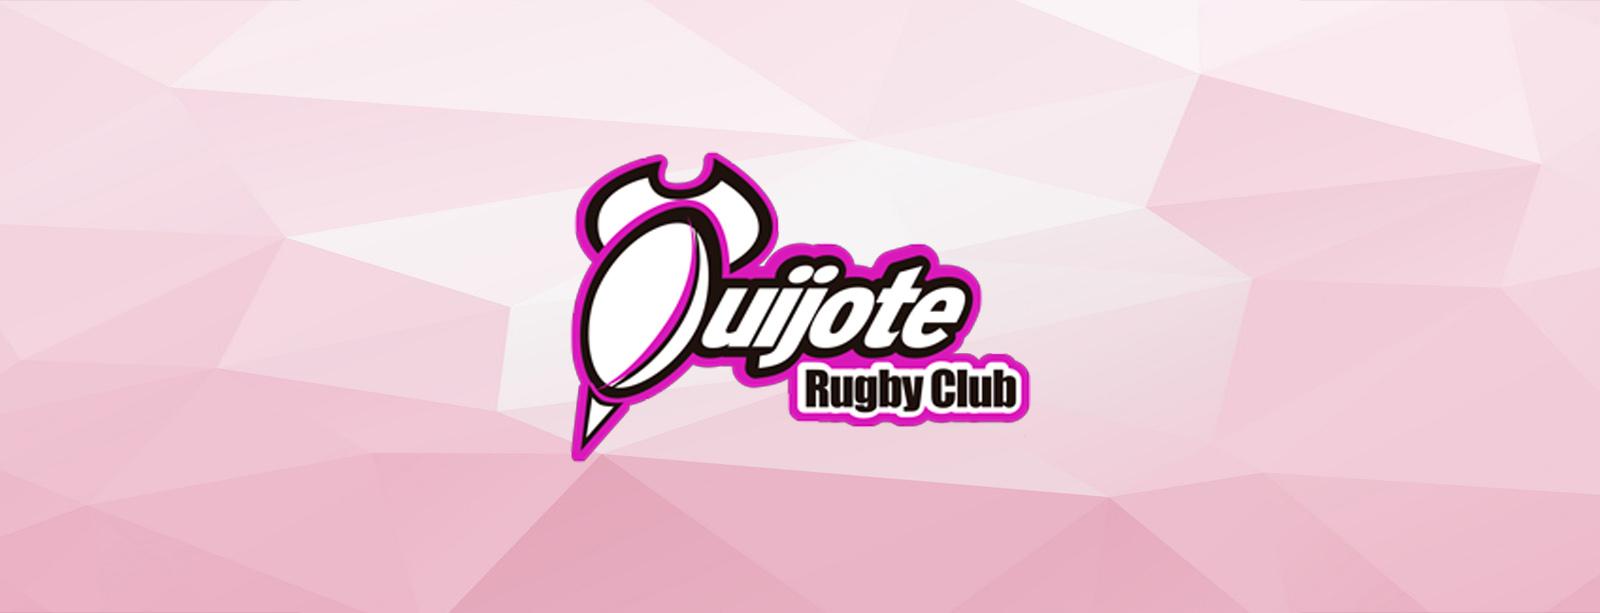 Última semana para que tu voto decida la nueva camiseta del Quijote Rugby Club!